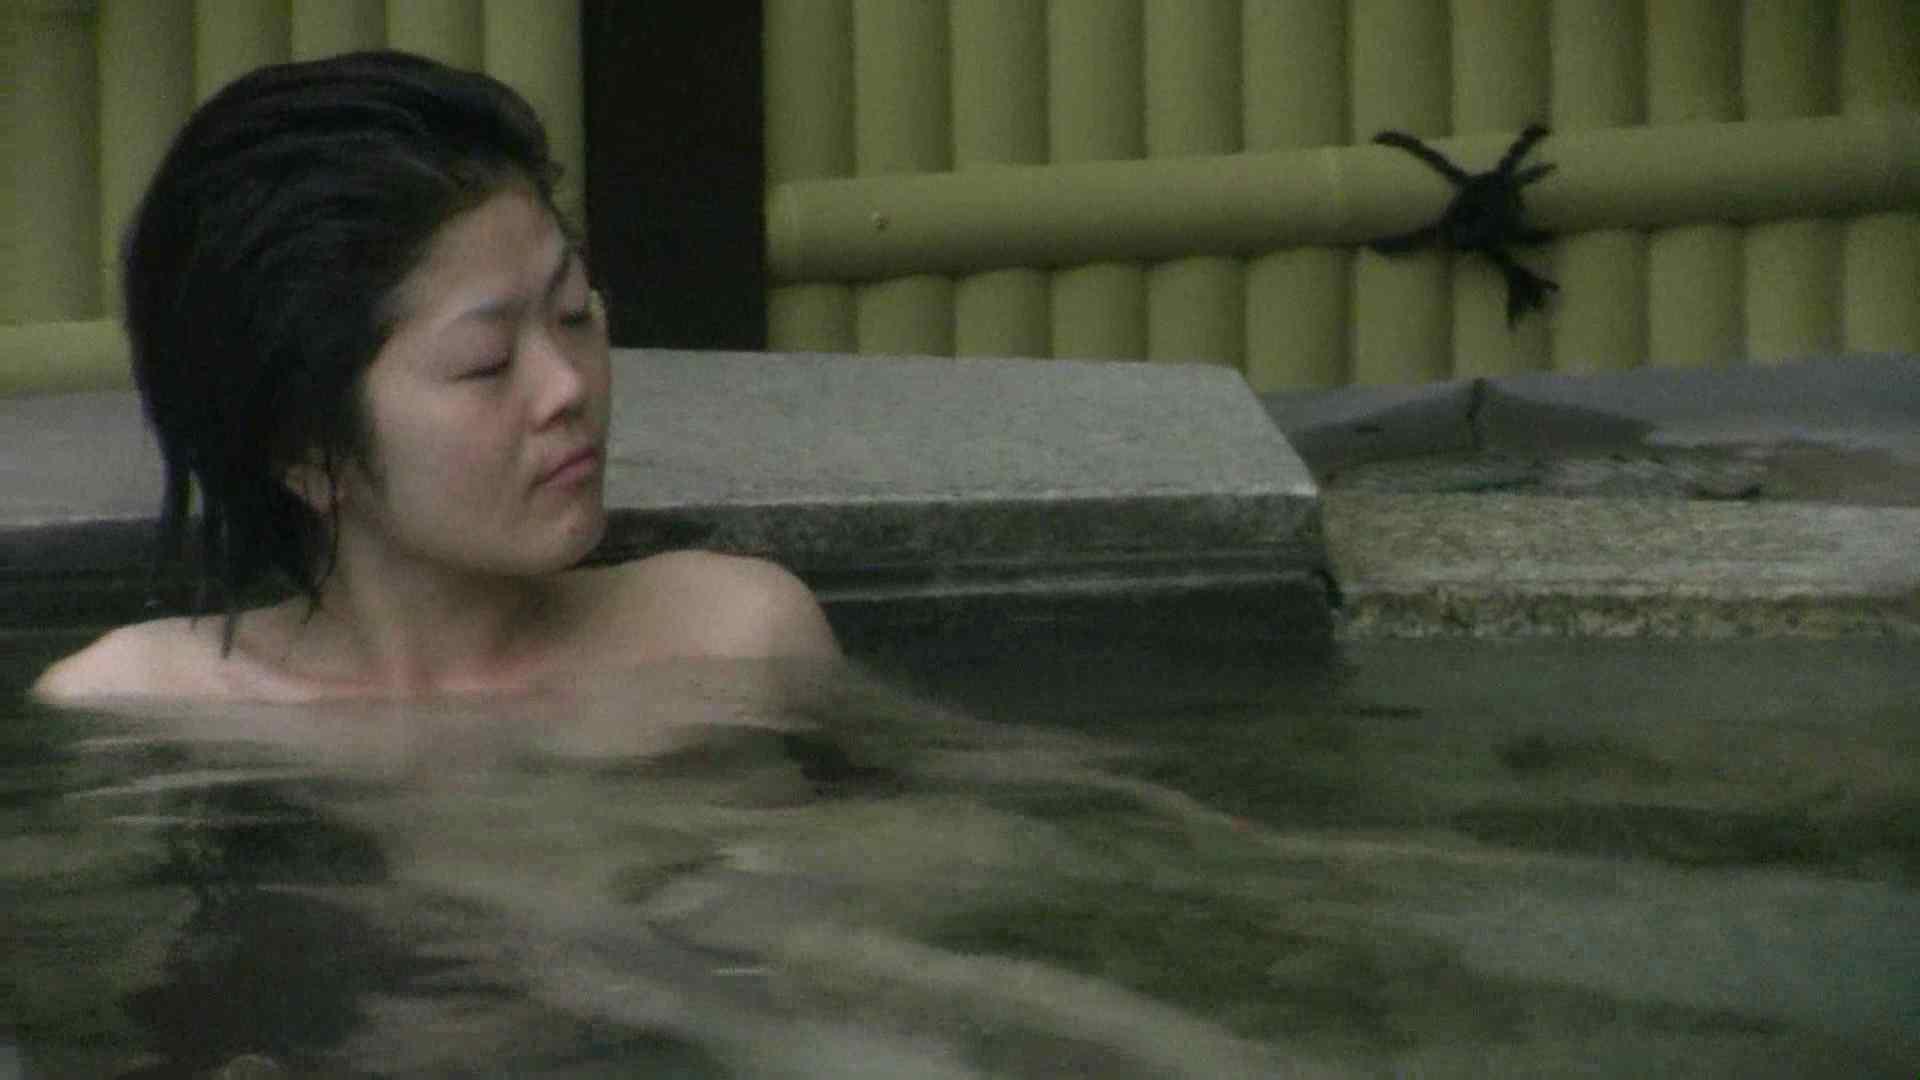 Aquaな露天風呂Vol.538 OLのエロ生活  90連発 84